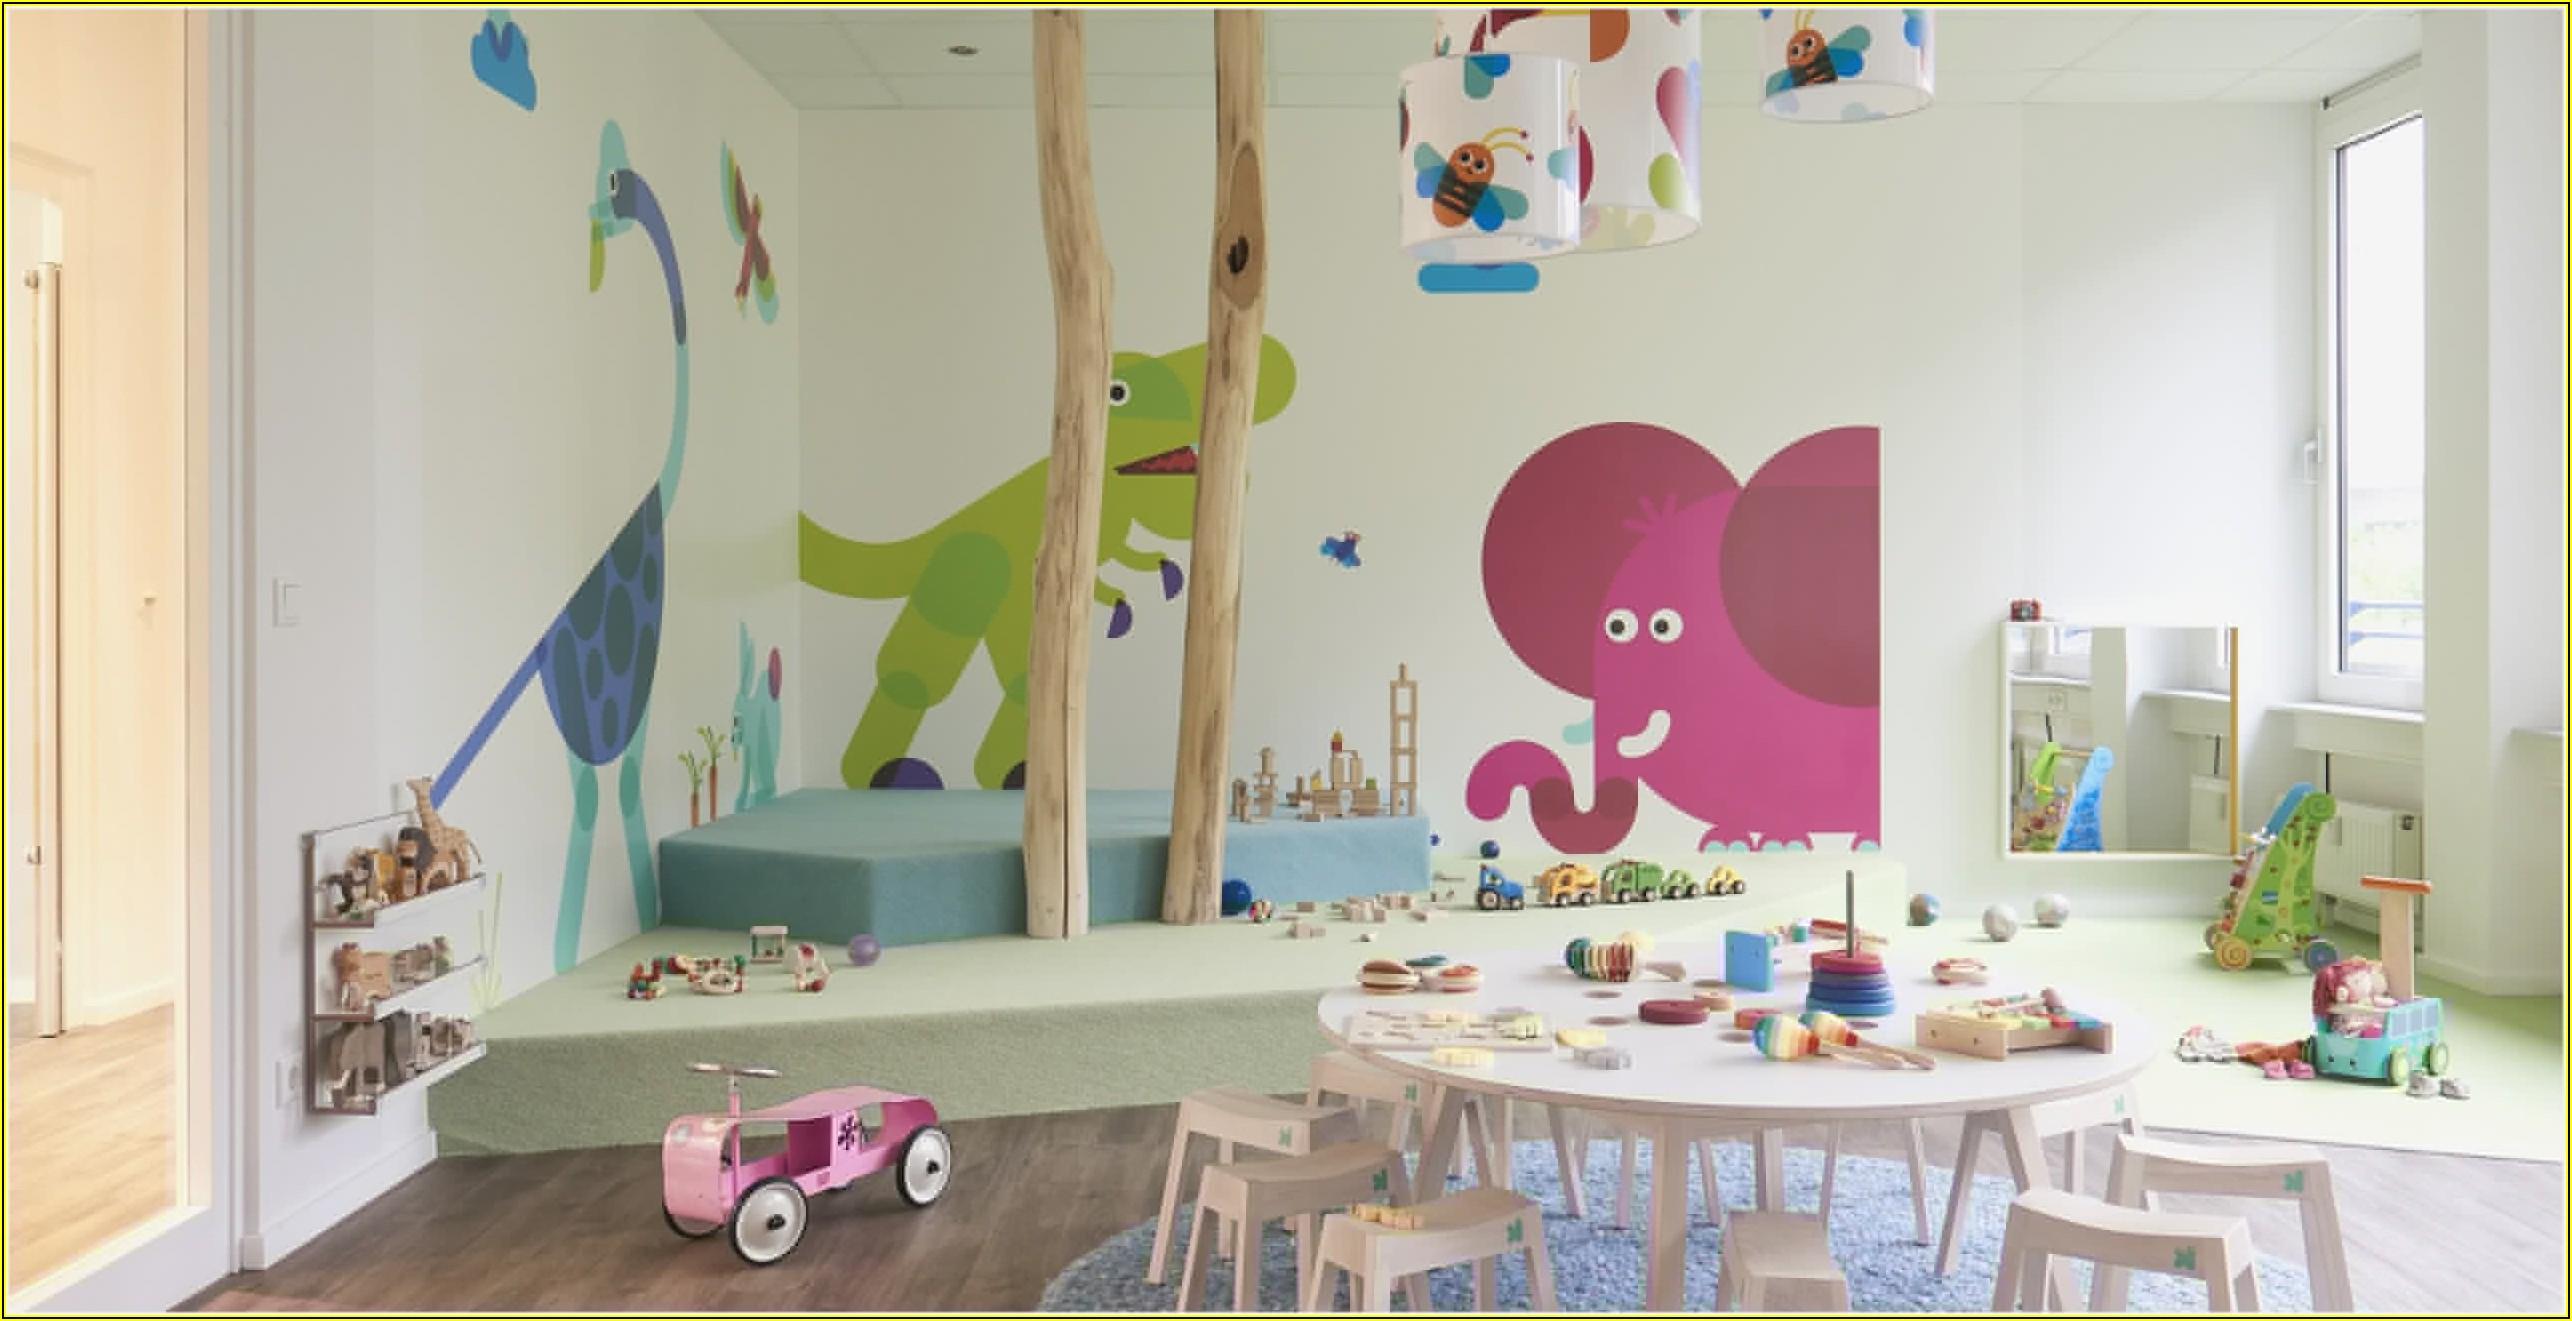 Erfahrungen Kita Kinderzimmer Hamburg